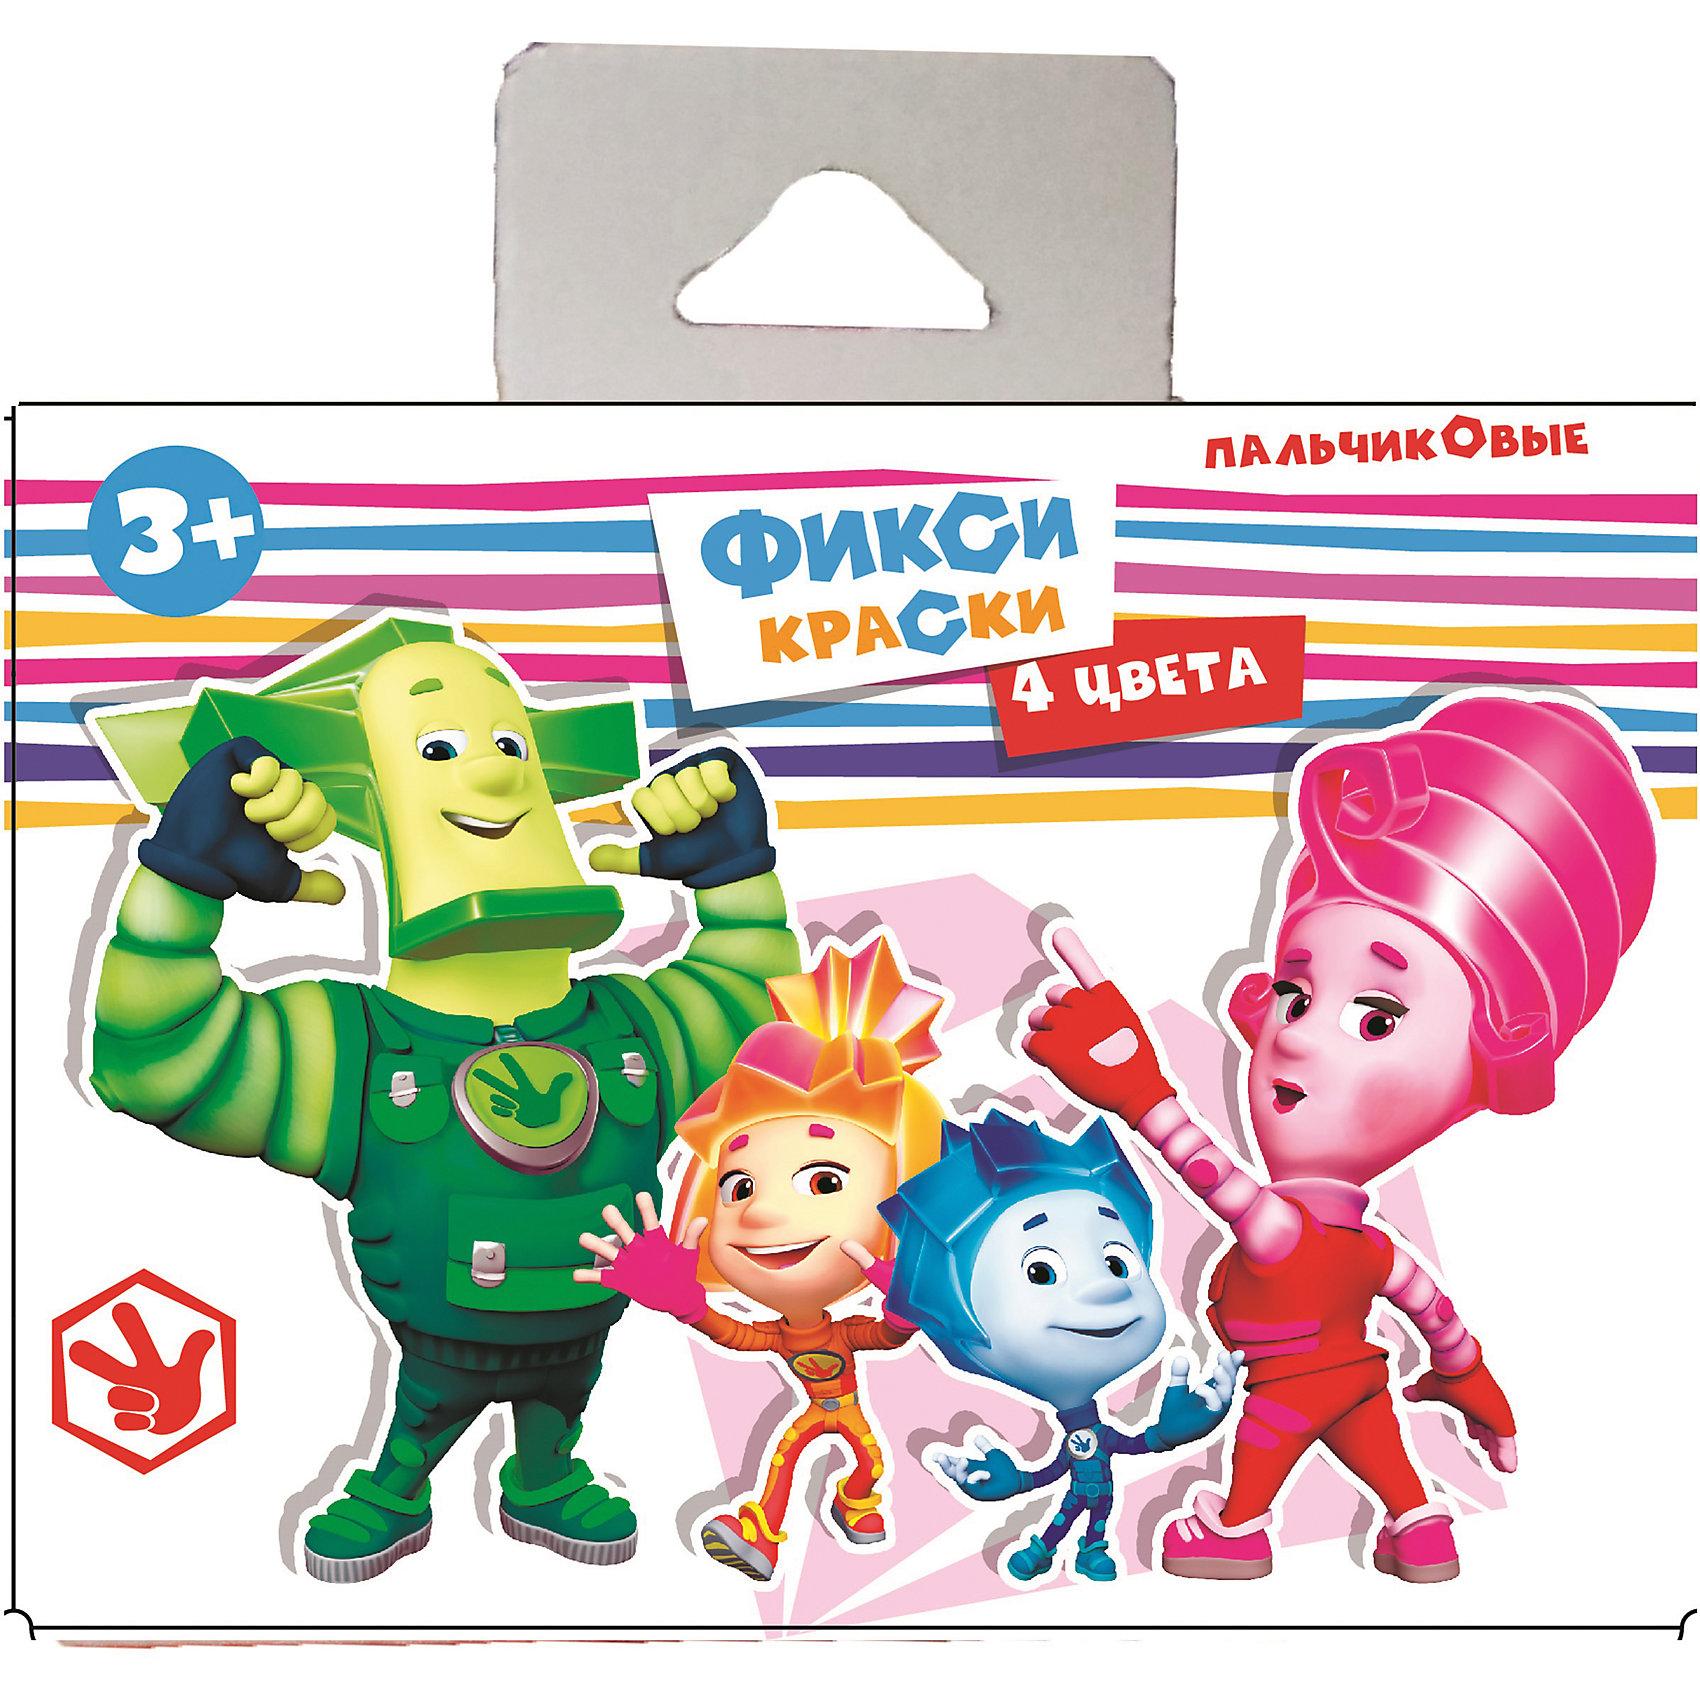 Набор пальчиковых красок Фиксики, 4 цветаПопулярные игрушки<br>Набор пальчиковых красок Фиксики, 4 цвета – это увлекательный набор для детского творчества<br>Набор пальчиковых красок Фиксики позволит маленькому художнику создать свои первые шедевры. Набор пальчиковых красок замечательно подходит для самых маленьких детей, которым еще трудно держать в руках кисточку. В комплекте 4 баночки разных цветов, специально предназначенных для рисования пальцами. Обмакнув пальчики в краски, малыш сможет нарисовать свои первые картинки. Краски не вызывают аллергических реакций и абсолютно безвредны для кожи. Набор развивает у ребенка фантазию, творческие способности и мелкую моторику рук.<br><br>Дополнительная информация:<br><br>- В наборе: 4 баночки по 40 мл.<br>- Цвета: желтый, красный, зеленый, синий<br>- Упаковка: картонная коробка с ручкой<br>- Размер упаковки: 70х145х110 мм.<br>- Вес: 200 гр.<br><br>Набор пальчиковых красок Фиксики, 4 цвета можно купить в нашем интернет-магазине.<br><br>Ширина мм: 70<br>Глубина мм: 145<br>Высота мм: 110<br>Вес г: 2400<br>Возраст от месяцев: 36<br>Возраст до месяцев: 120<br>Пол: Унисекс<br>Возраст: Детский<br>SKU: 4535525